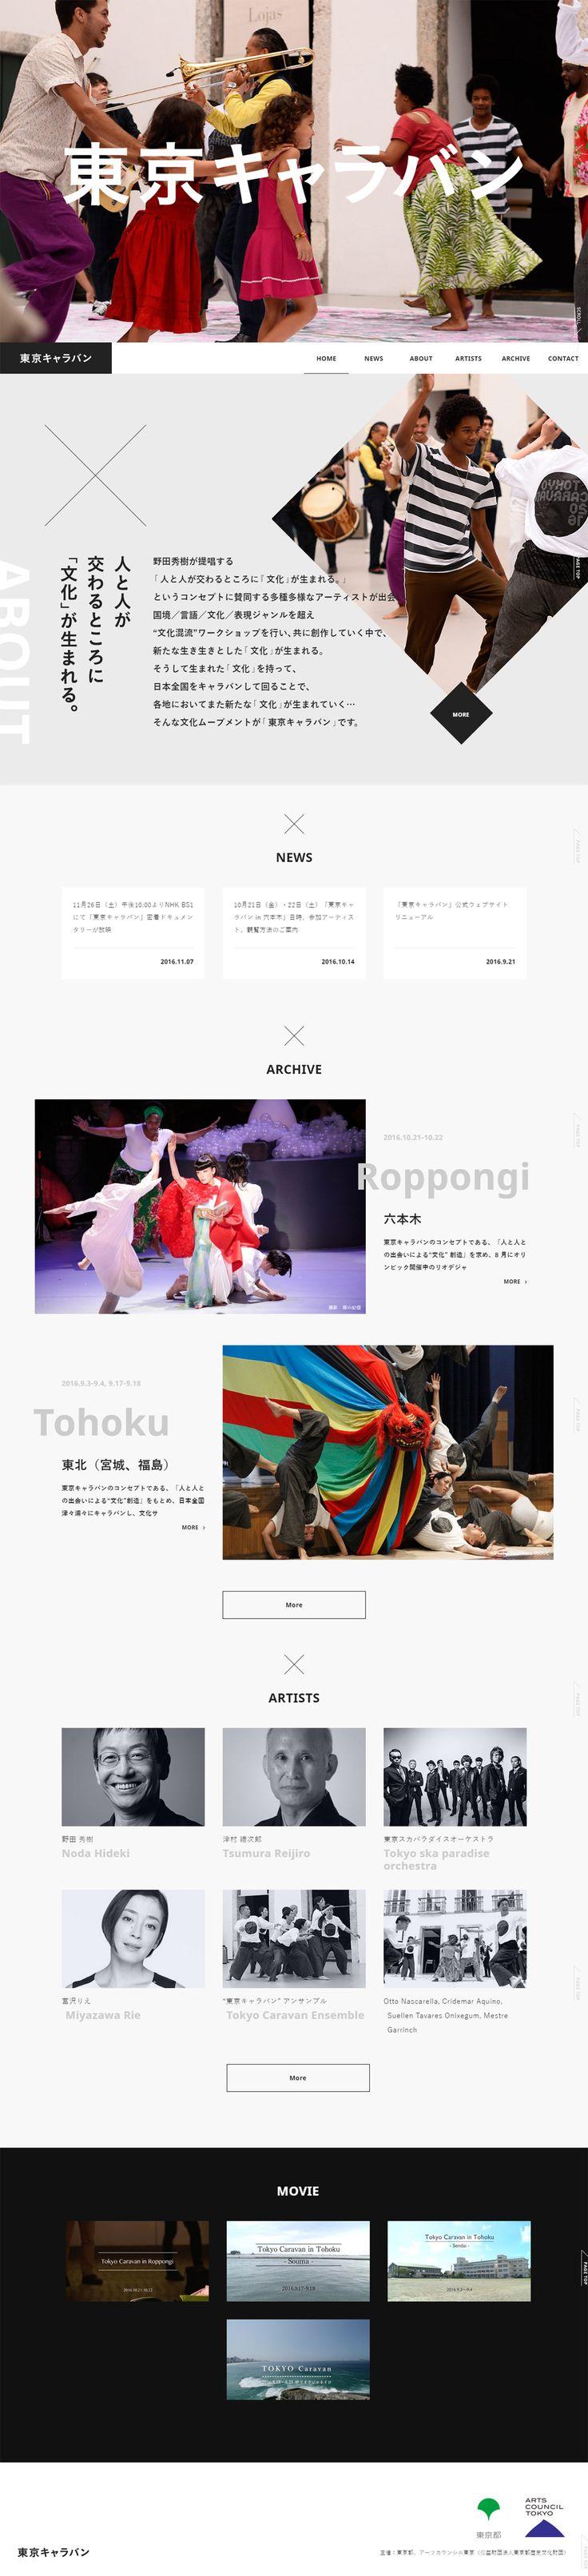 東京キャラバン【サービス関連】のLPデザイン。WEBデザイナーさん必見!ランディングページのデザイン参考に(アート・芸術系)